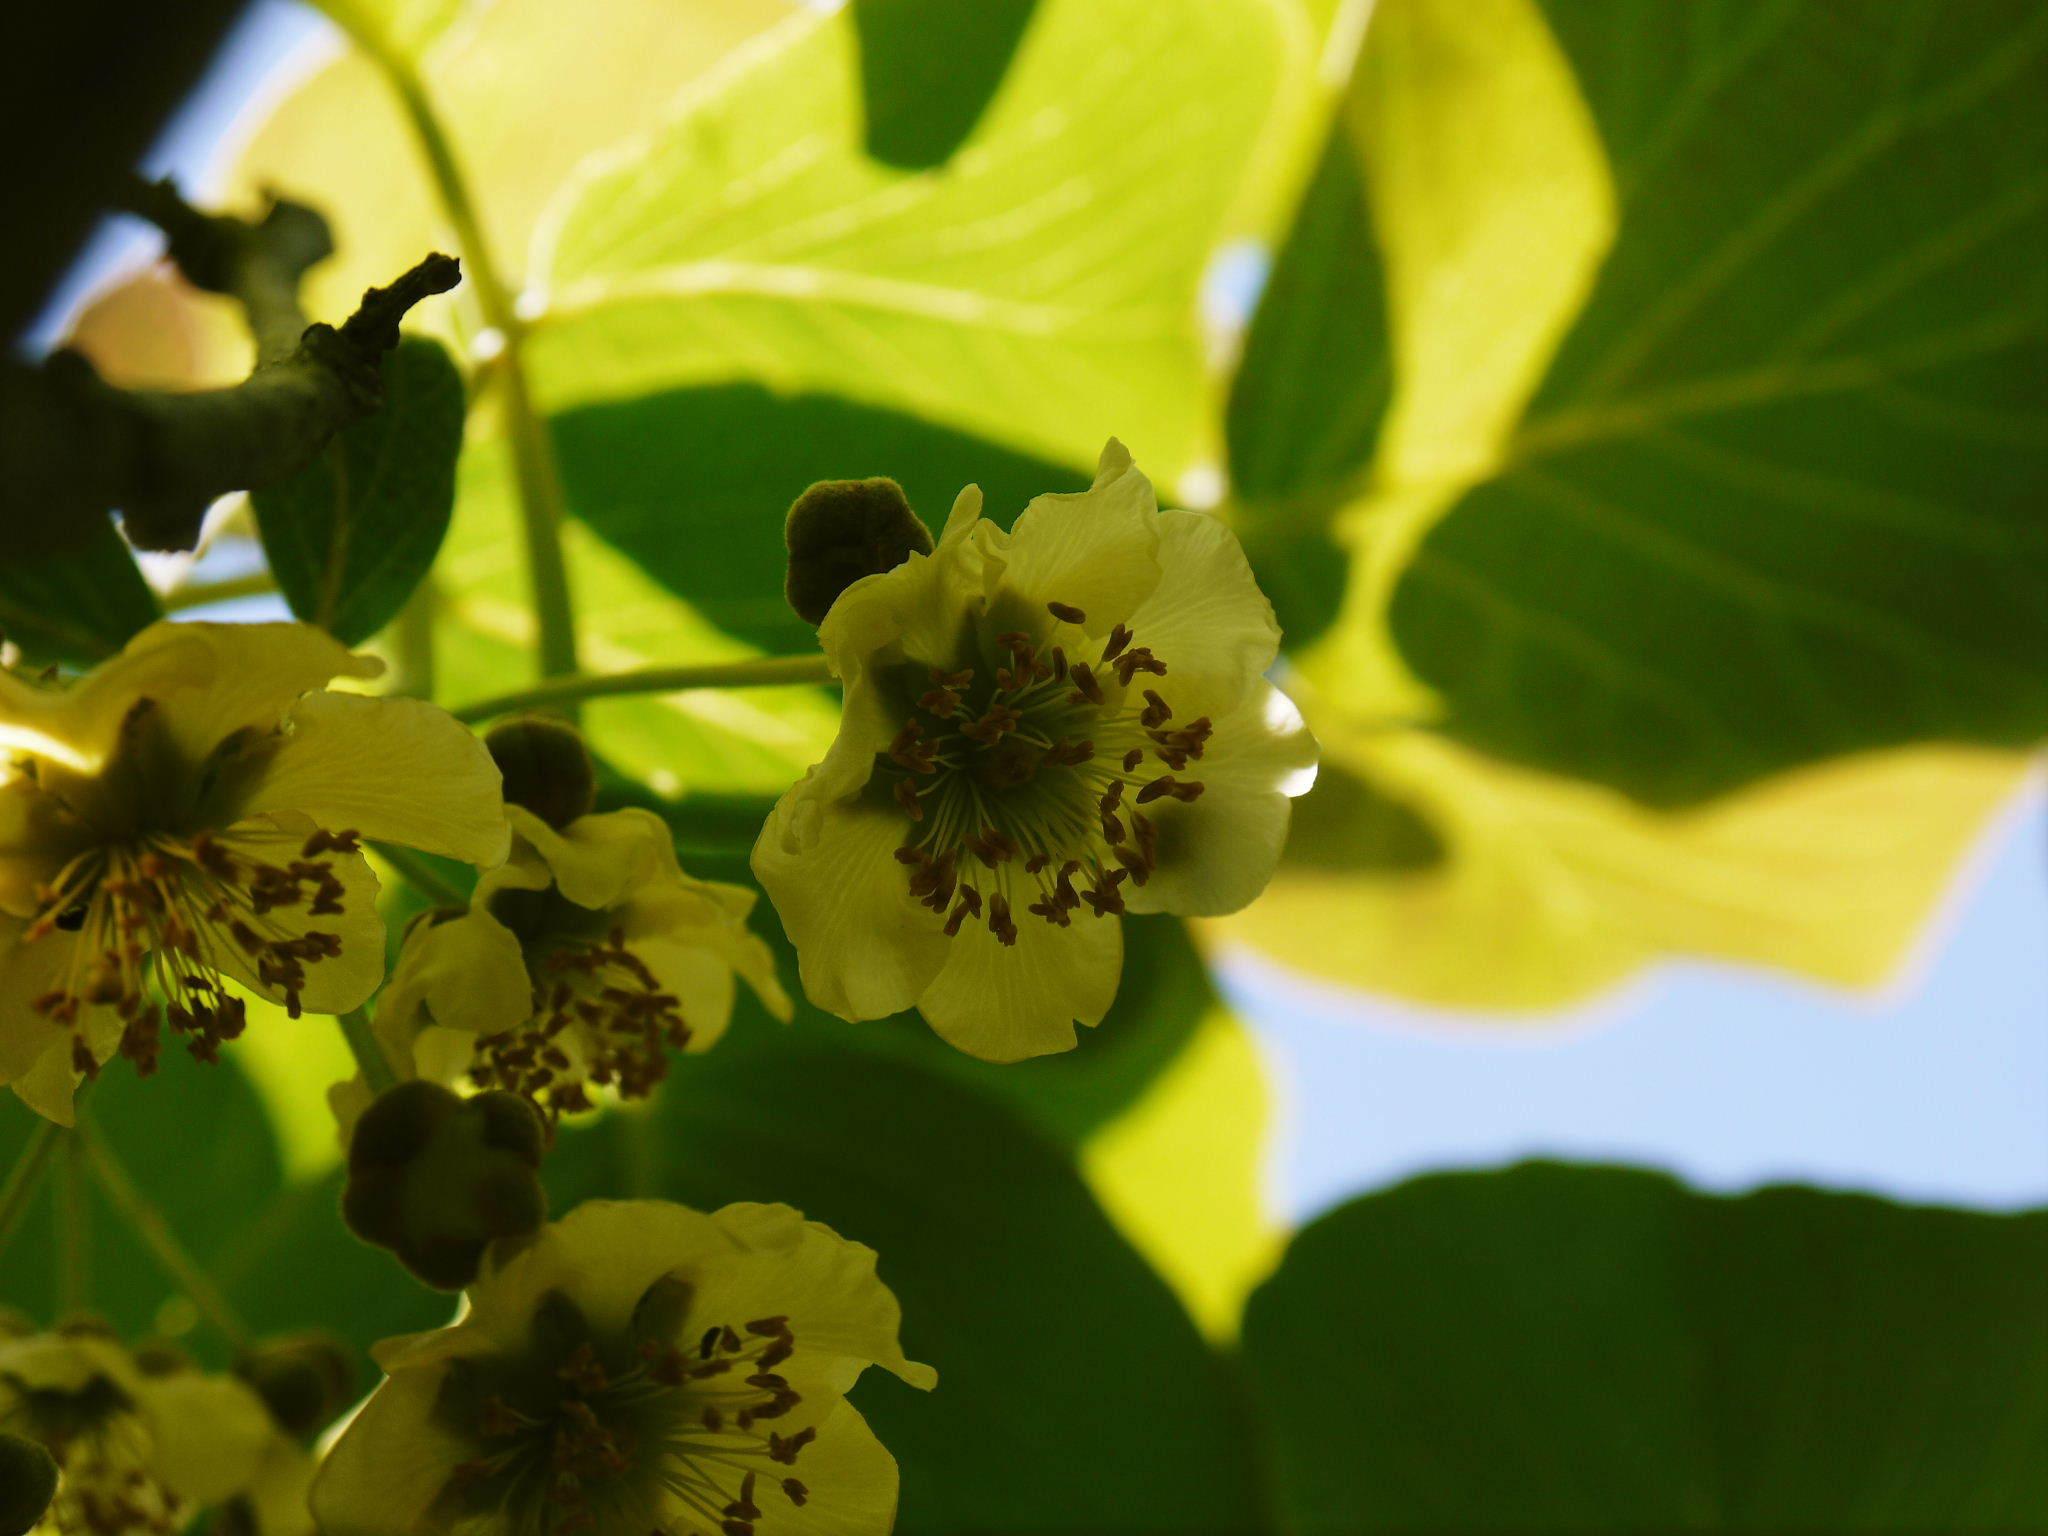 水源キウイ 2021年の開花!例年より10日以上も早い開花でした!(後編:雄花と雌花&交配のお話し) _a0254656_17525756.jpg